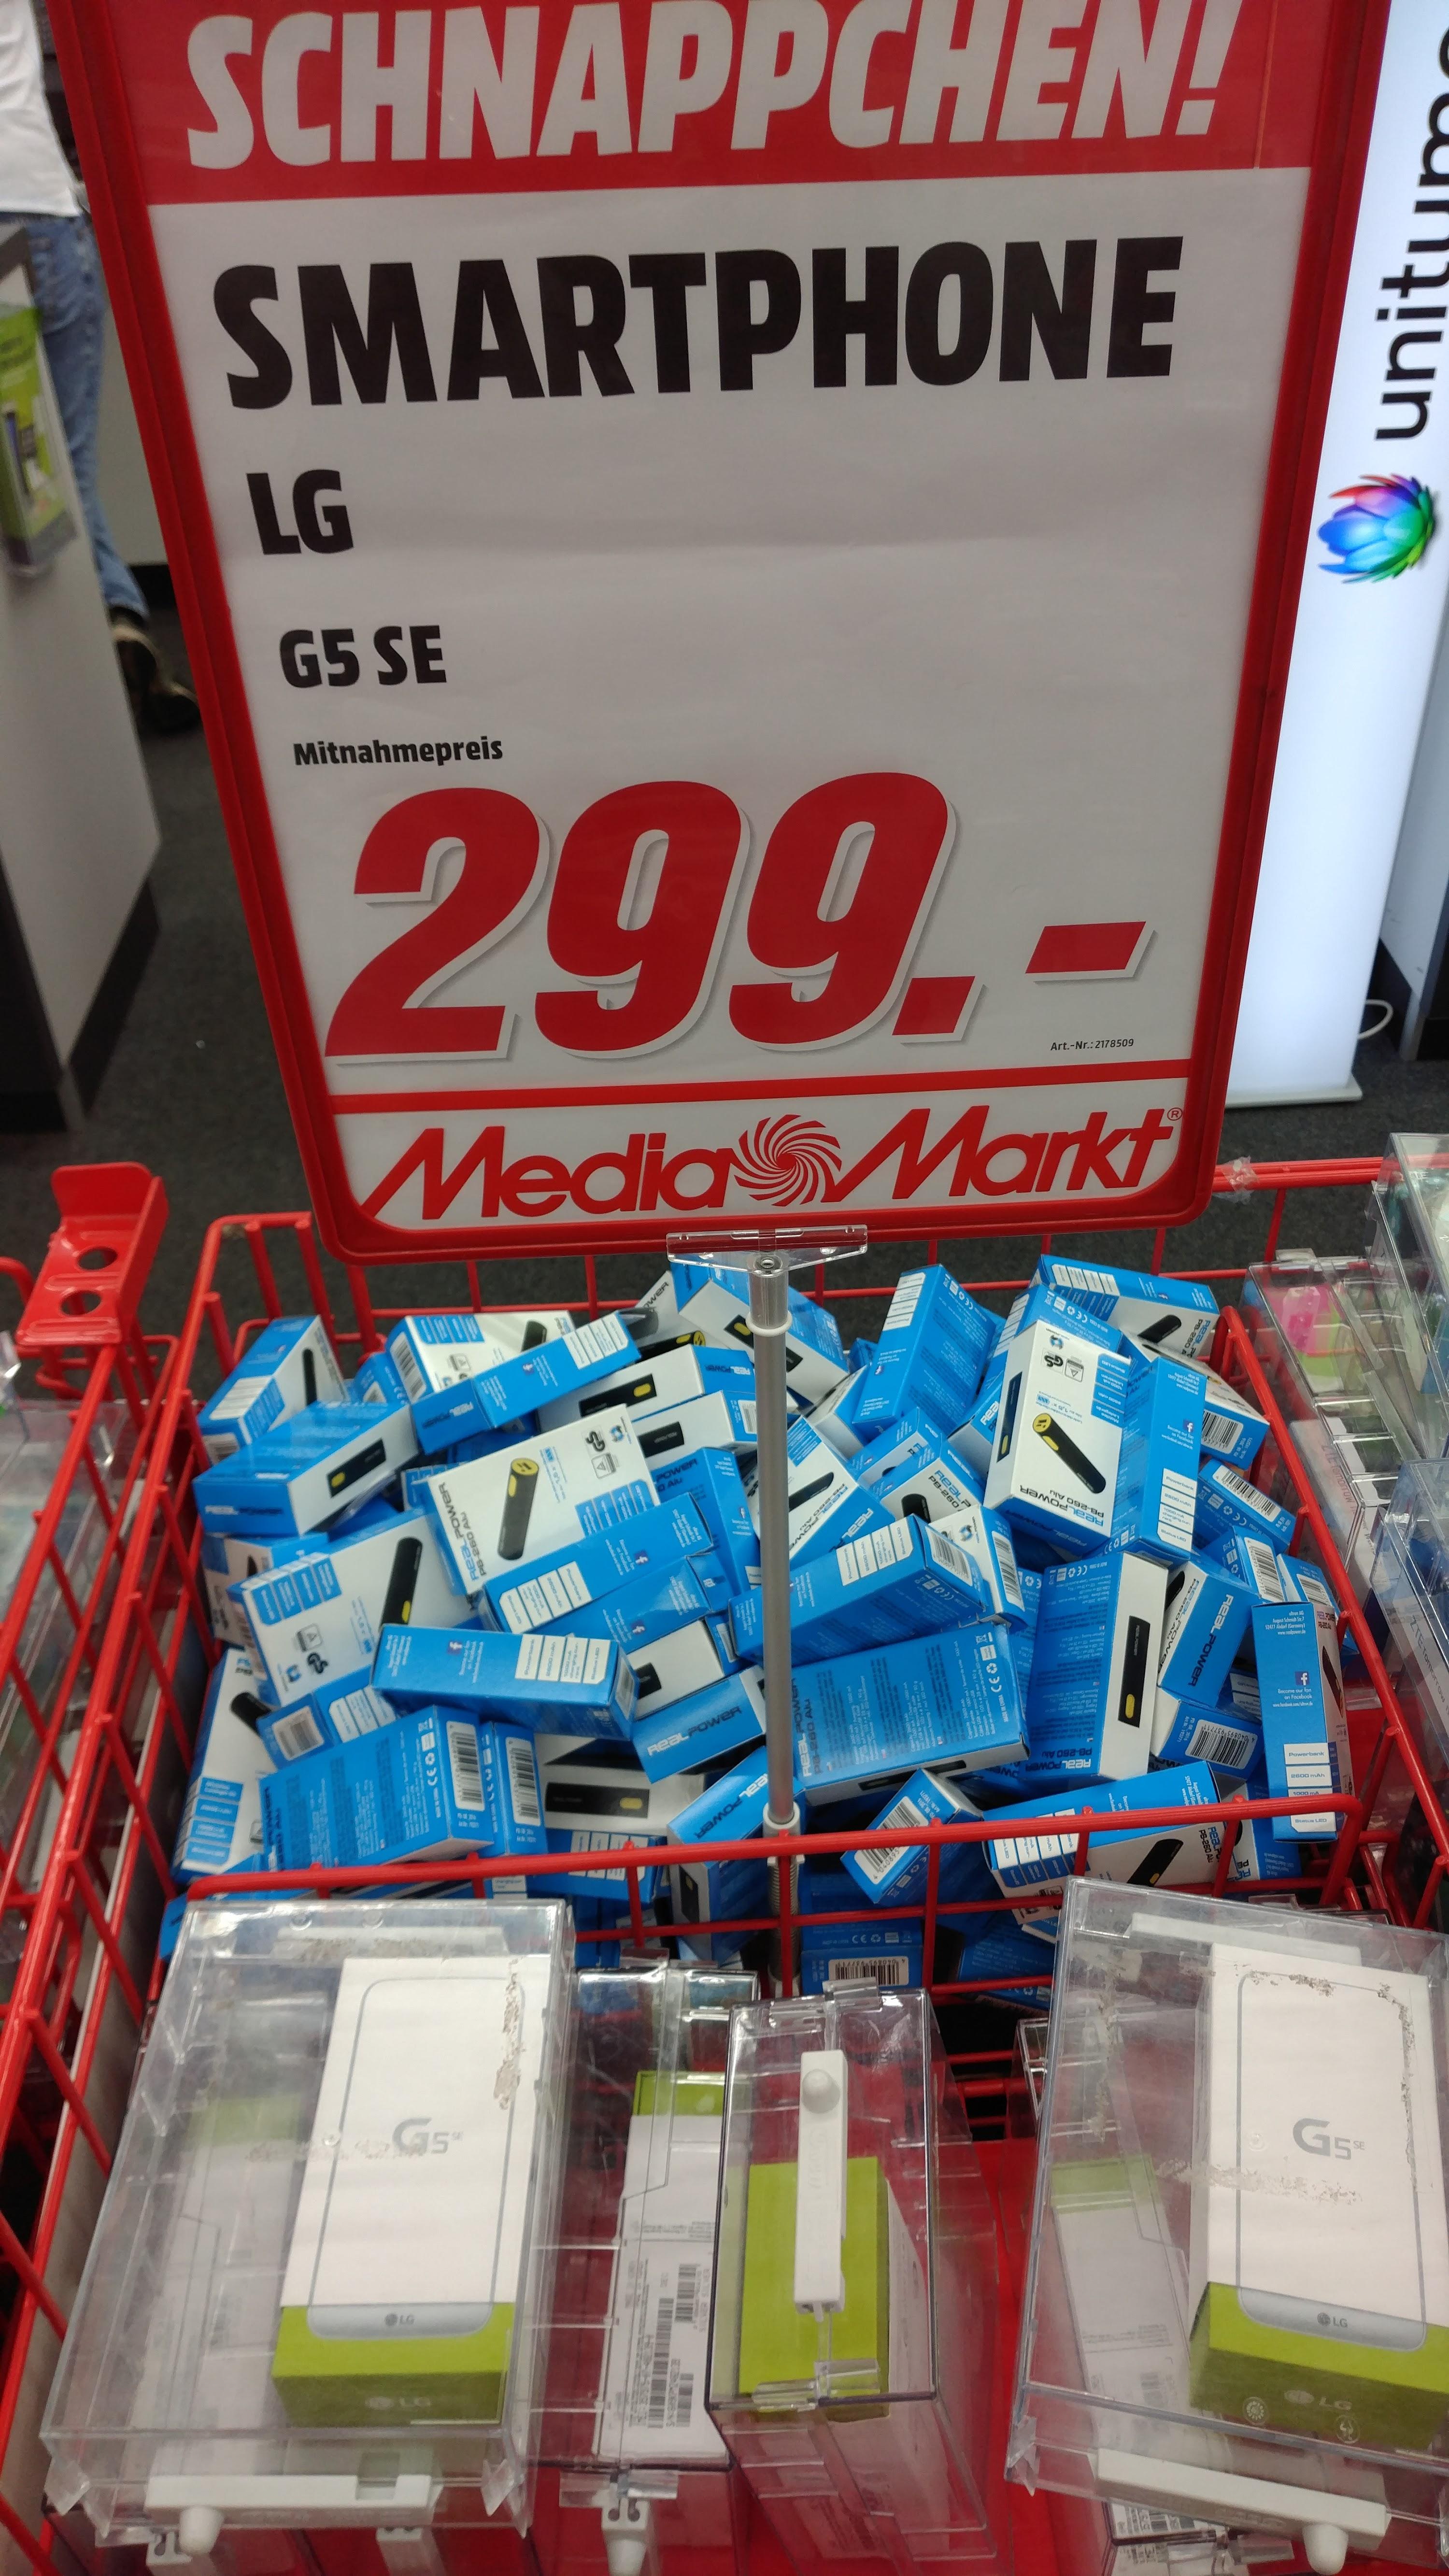 [Lokal Media Markt Bonn] Lg G5 SE